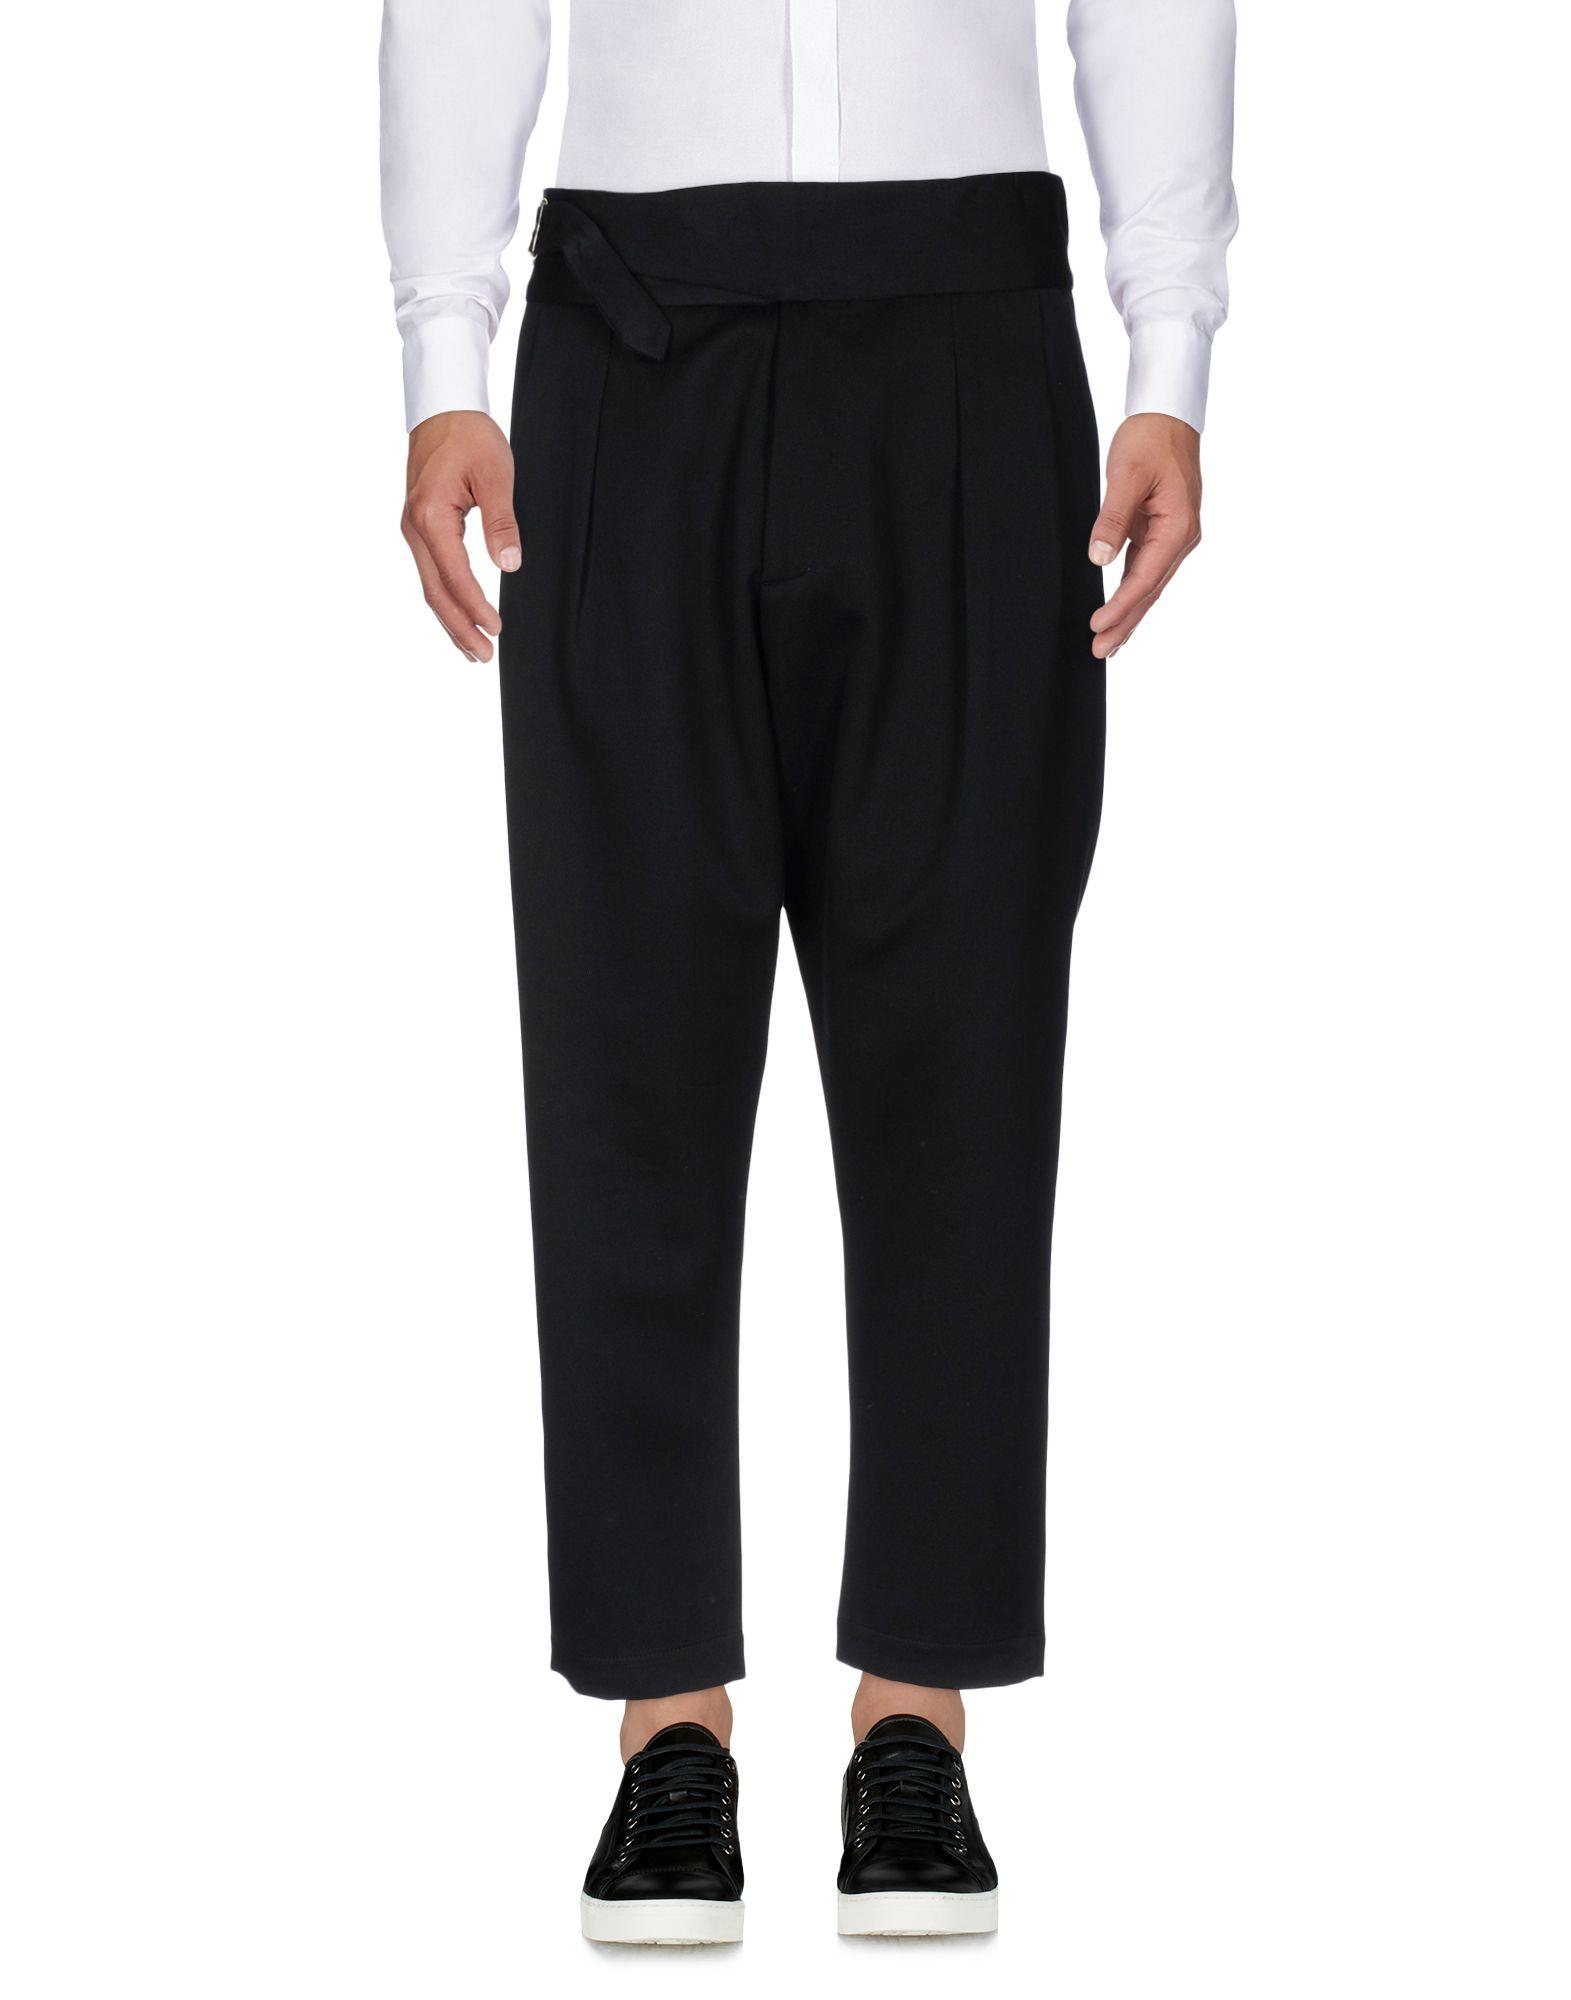 Pantalone Overcome Donna - Acquista online su